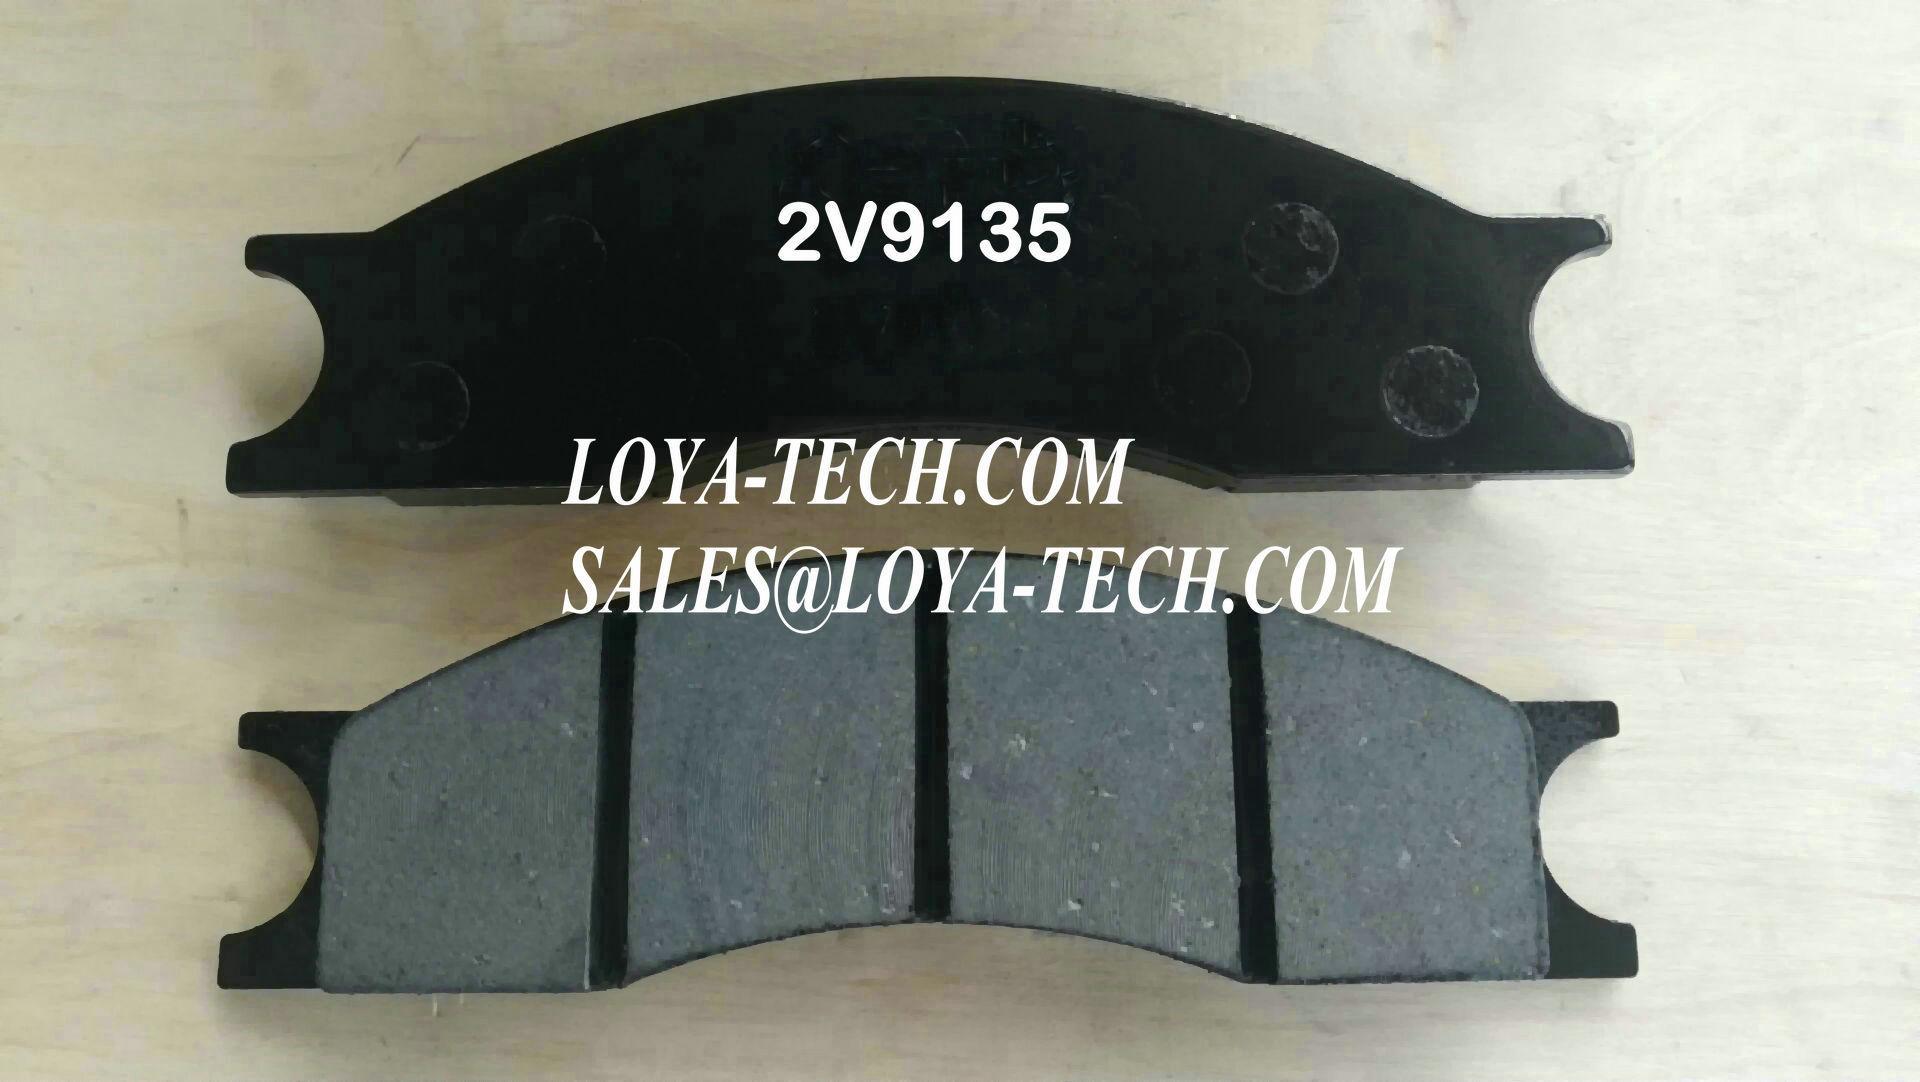 2V9135 8R0821 - BRAKE PAD KIT - SUIT CAT 613 950 3304 - LOYA TECH